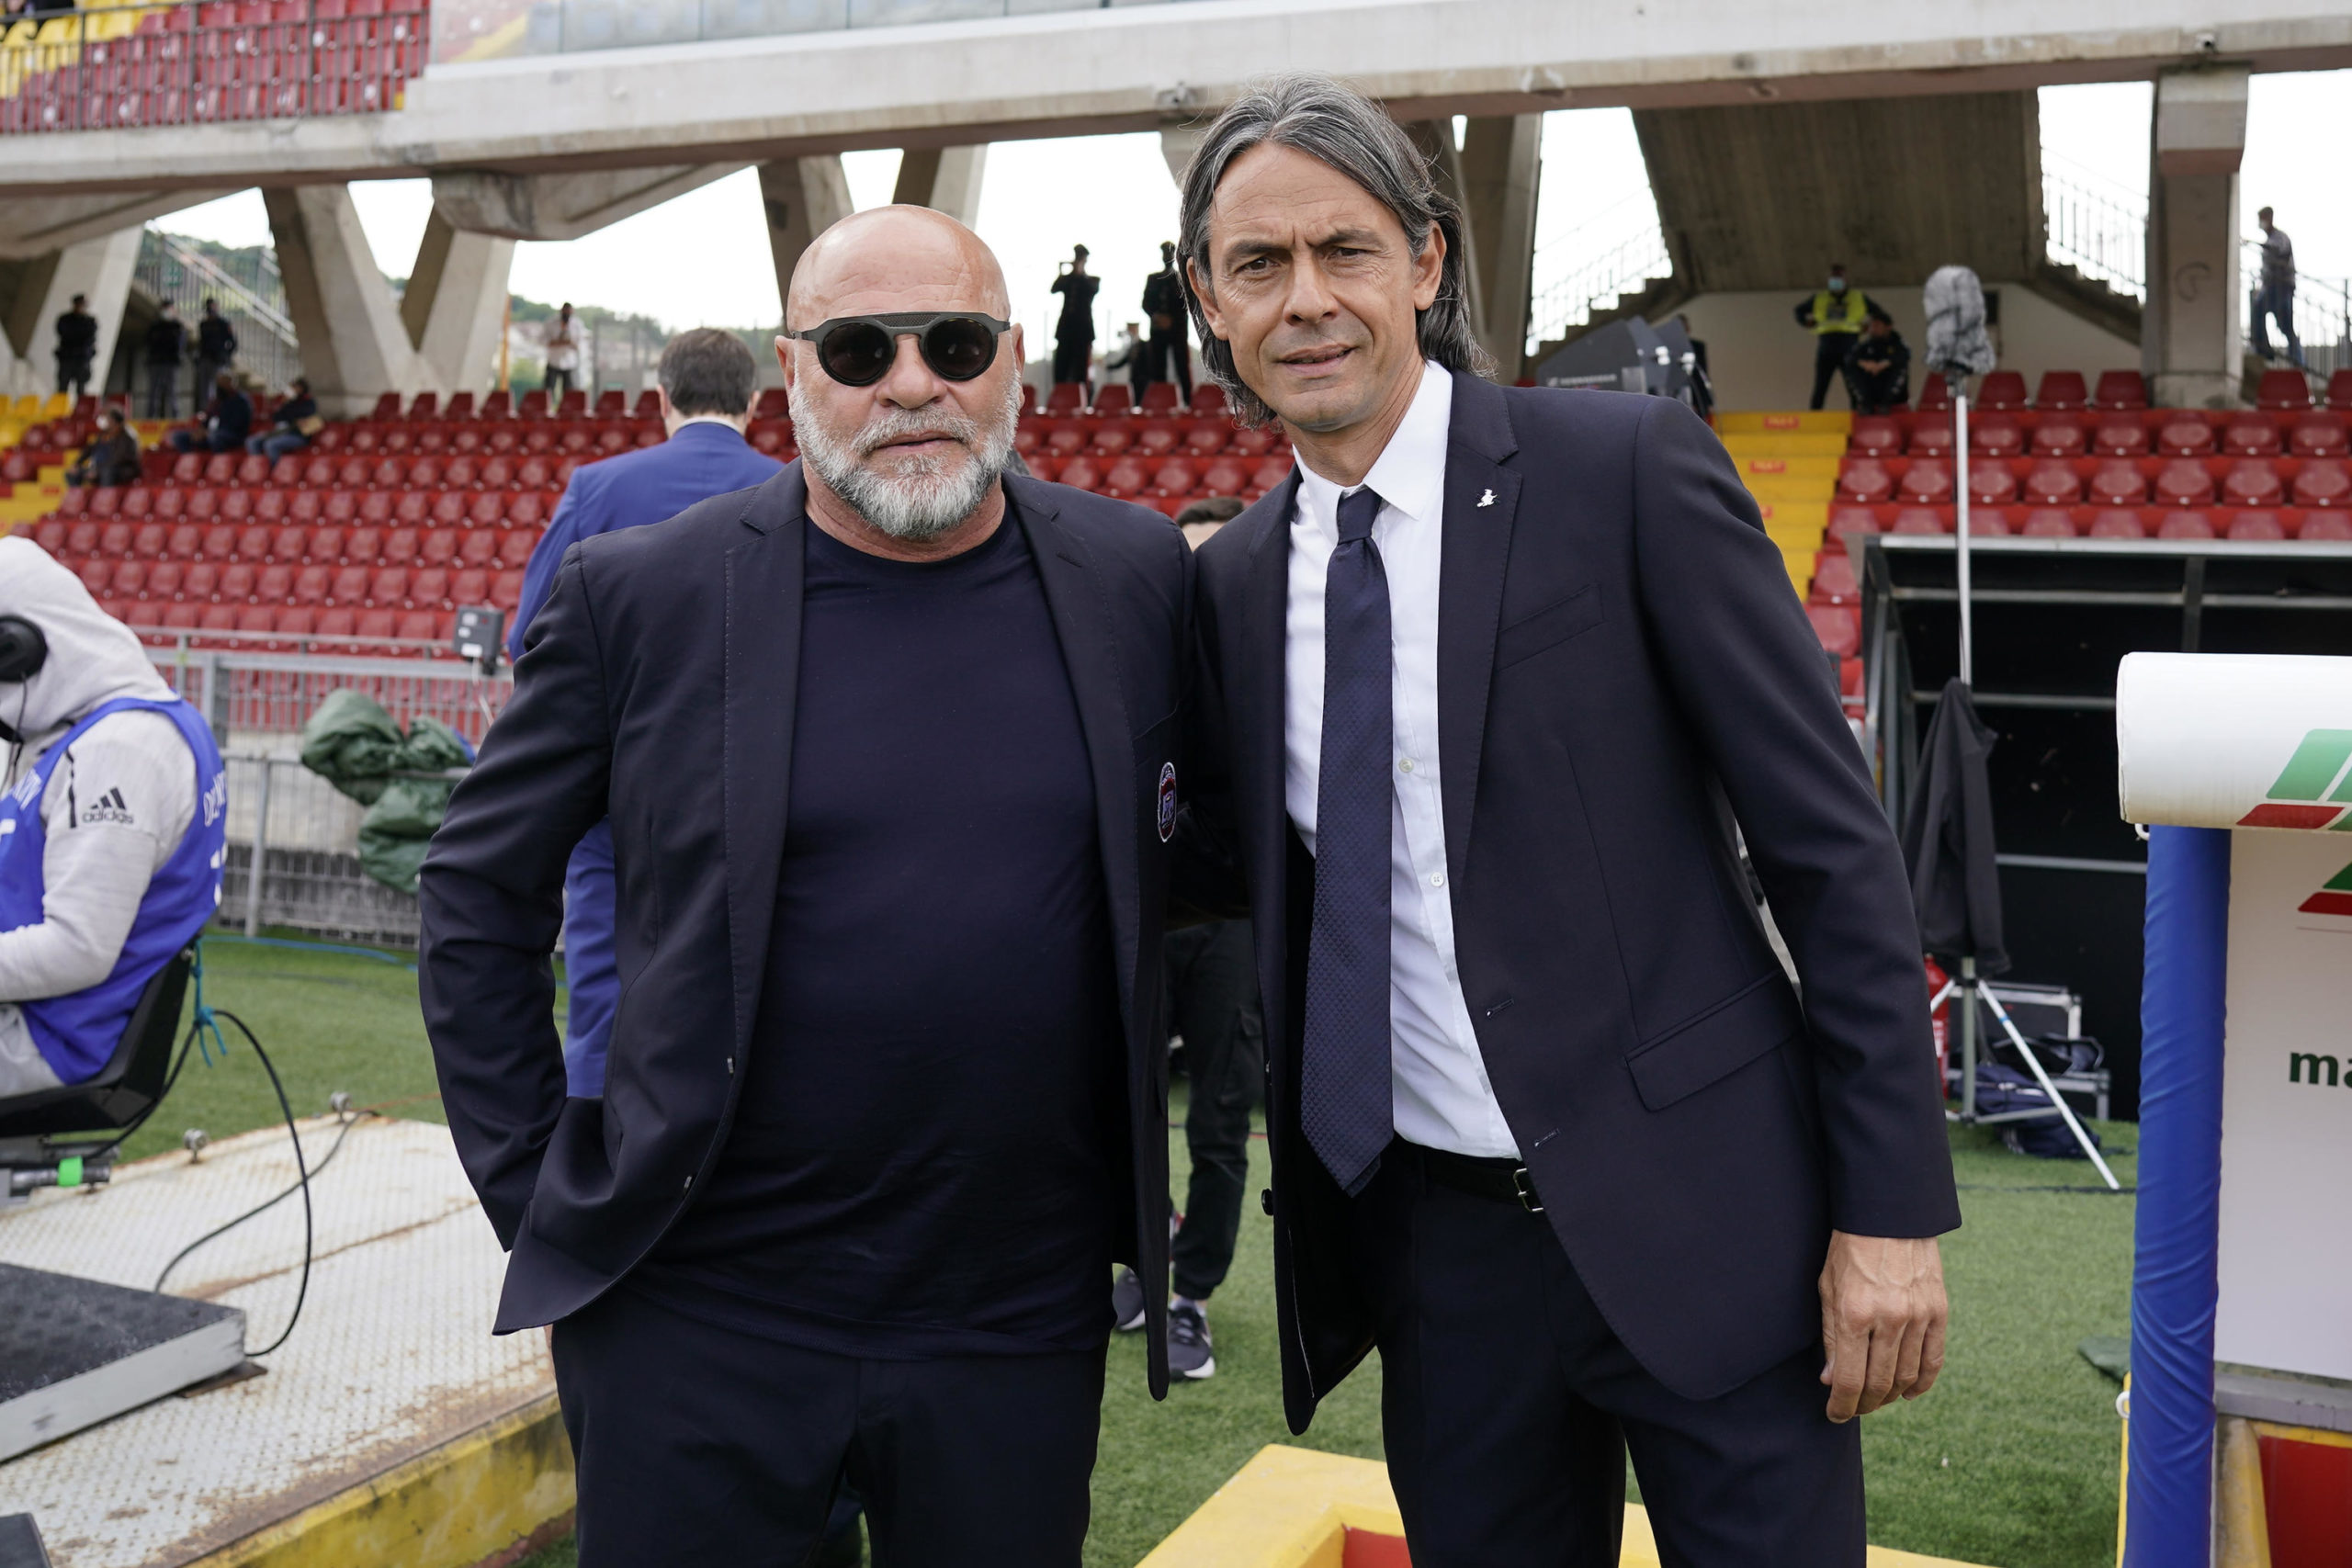 Crotone coach Serse Cosmi and Benevento counterpart Pippo Inzaghi